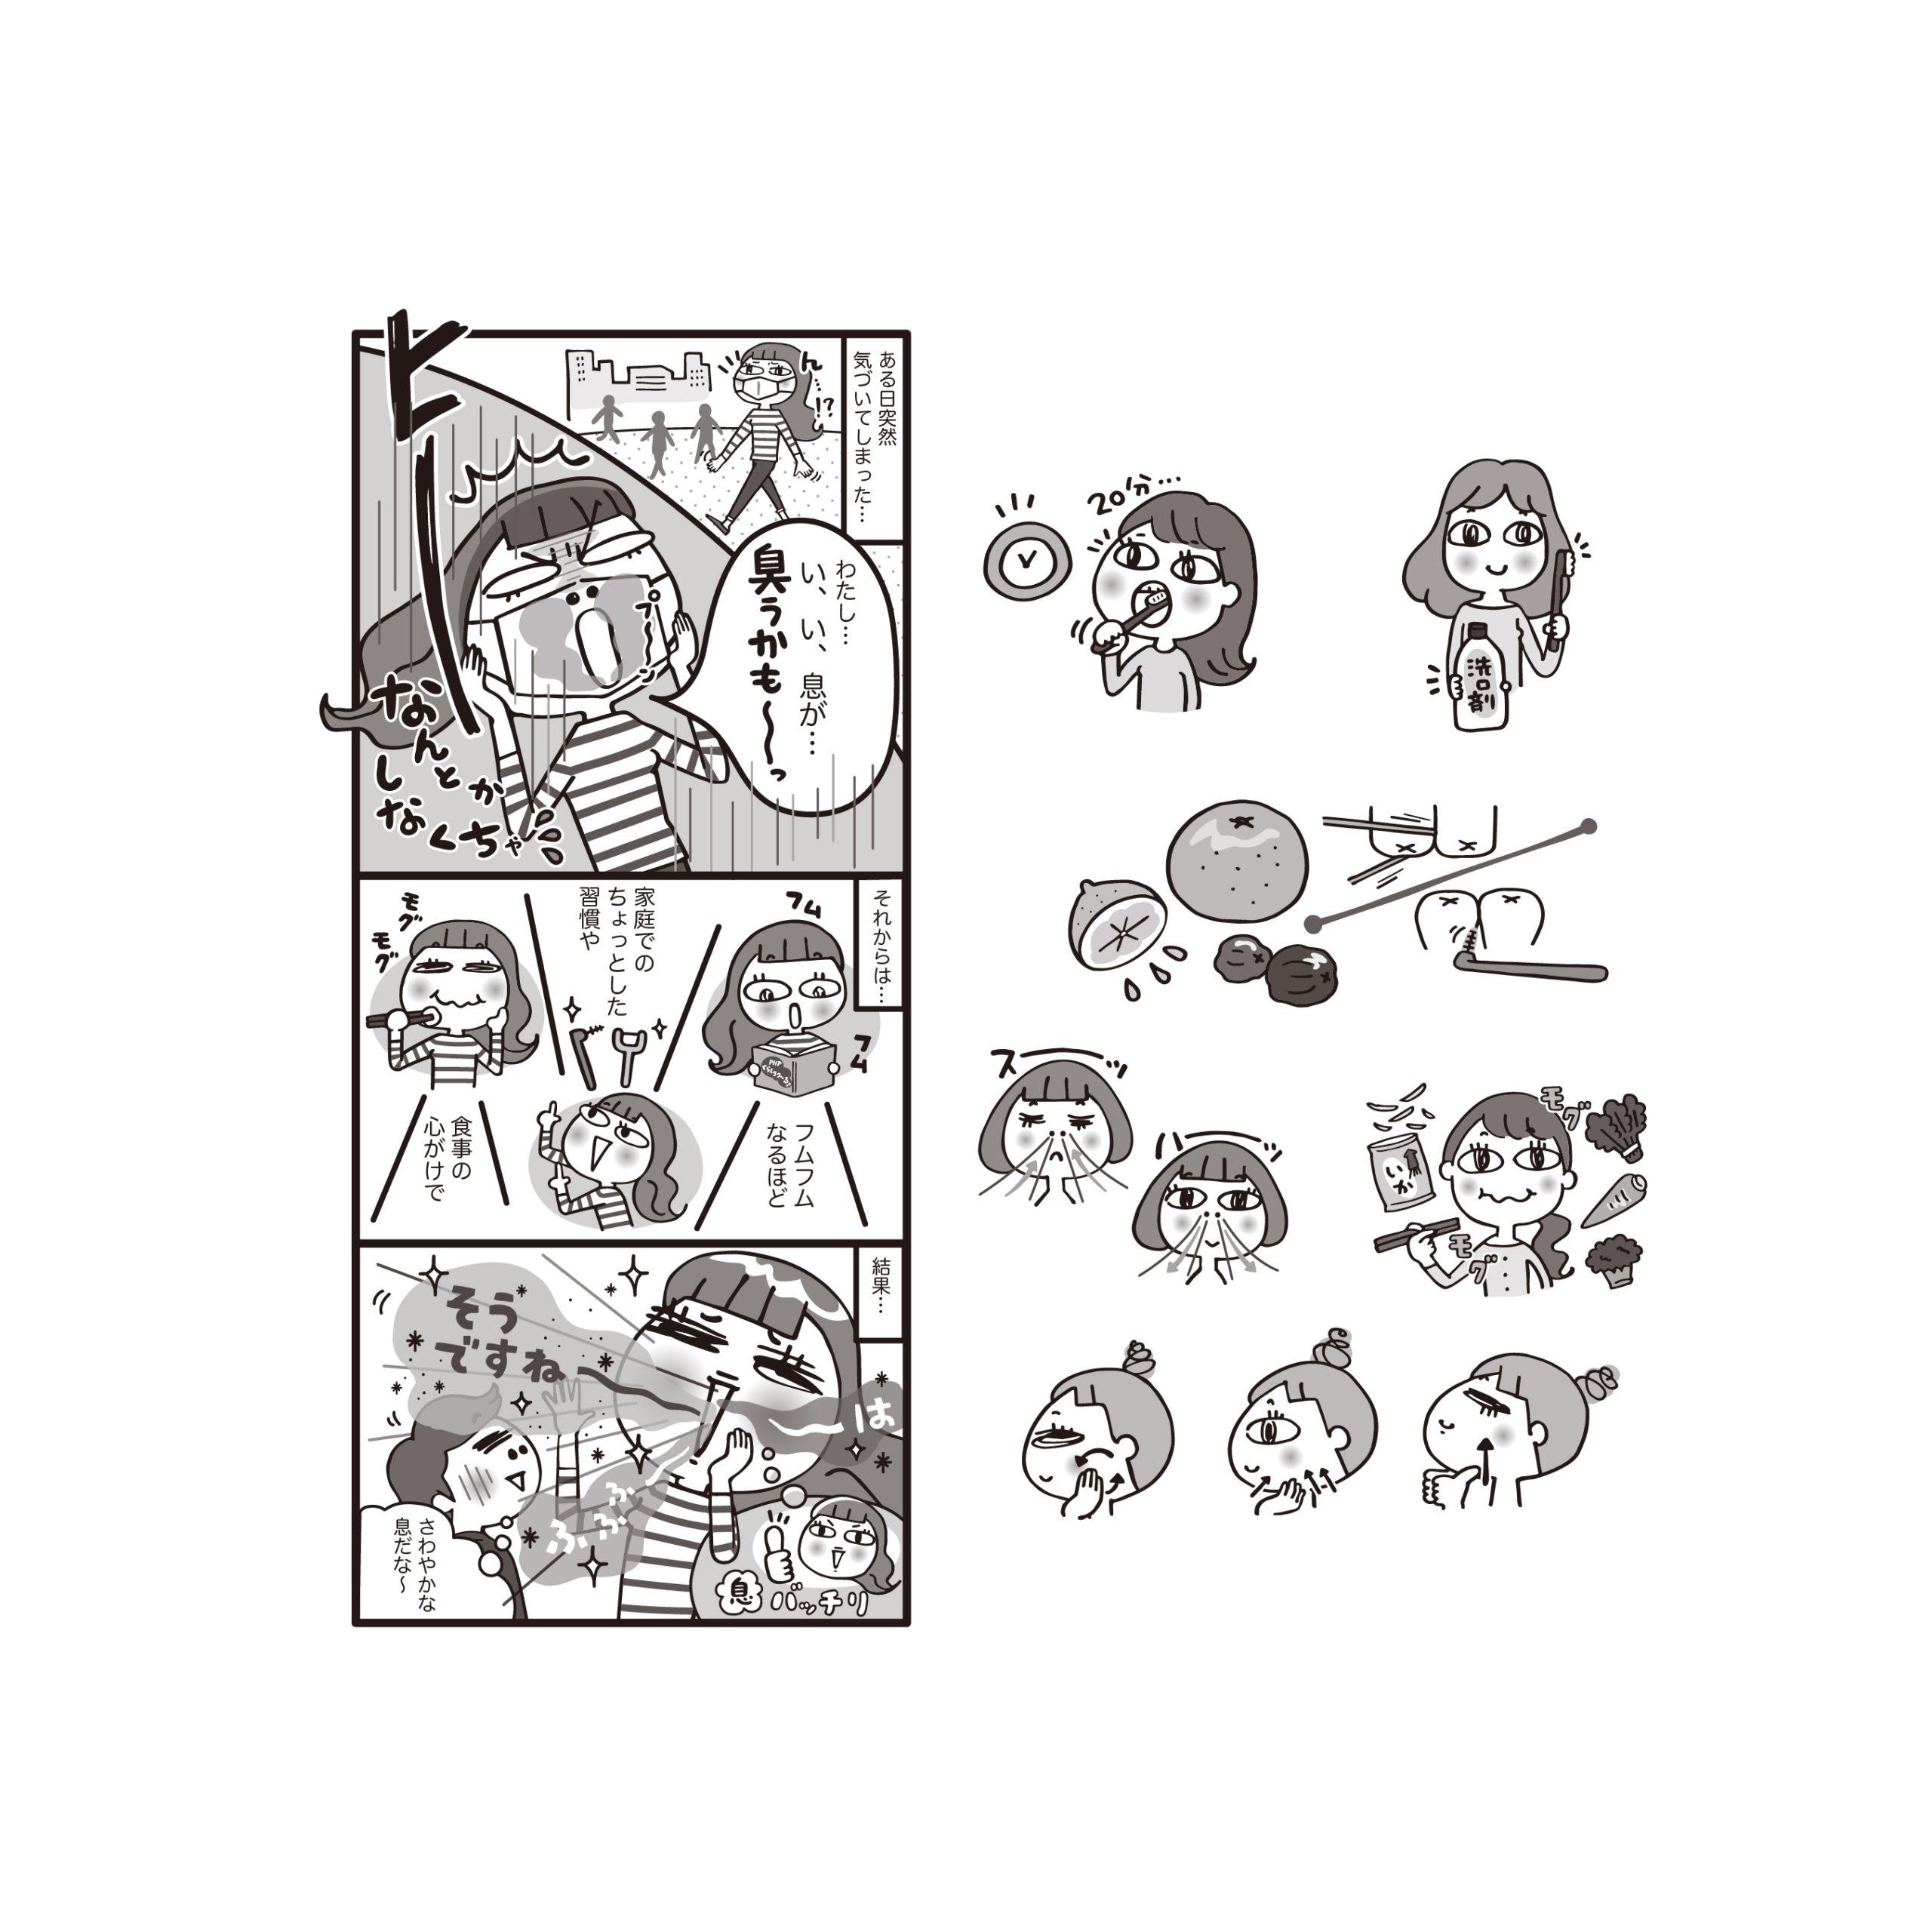 おもしろ系コママンガ(illust24)